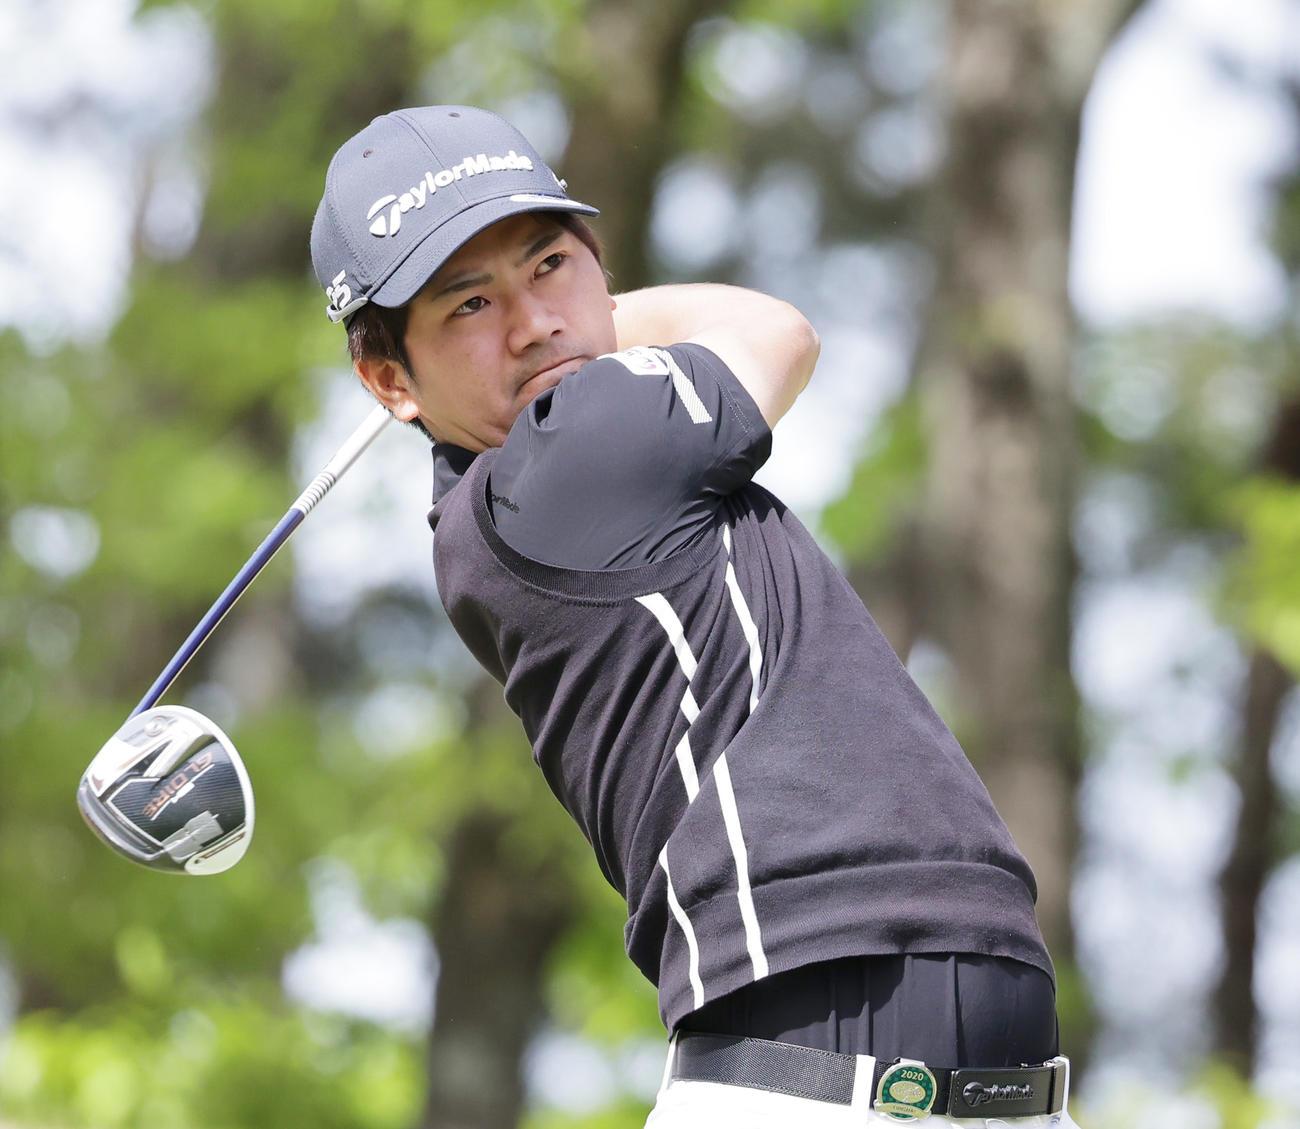 関西オープンゴルフ選手権第2日 18番、ティーショットを放つ石坂(撮影・清水貴仁)